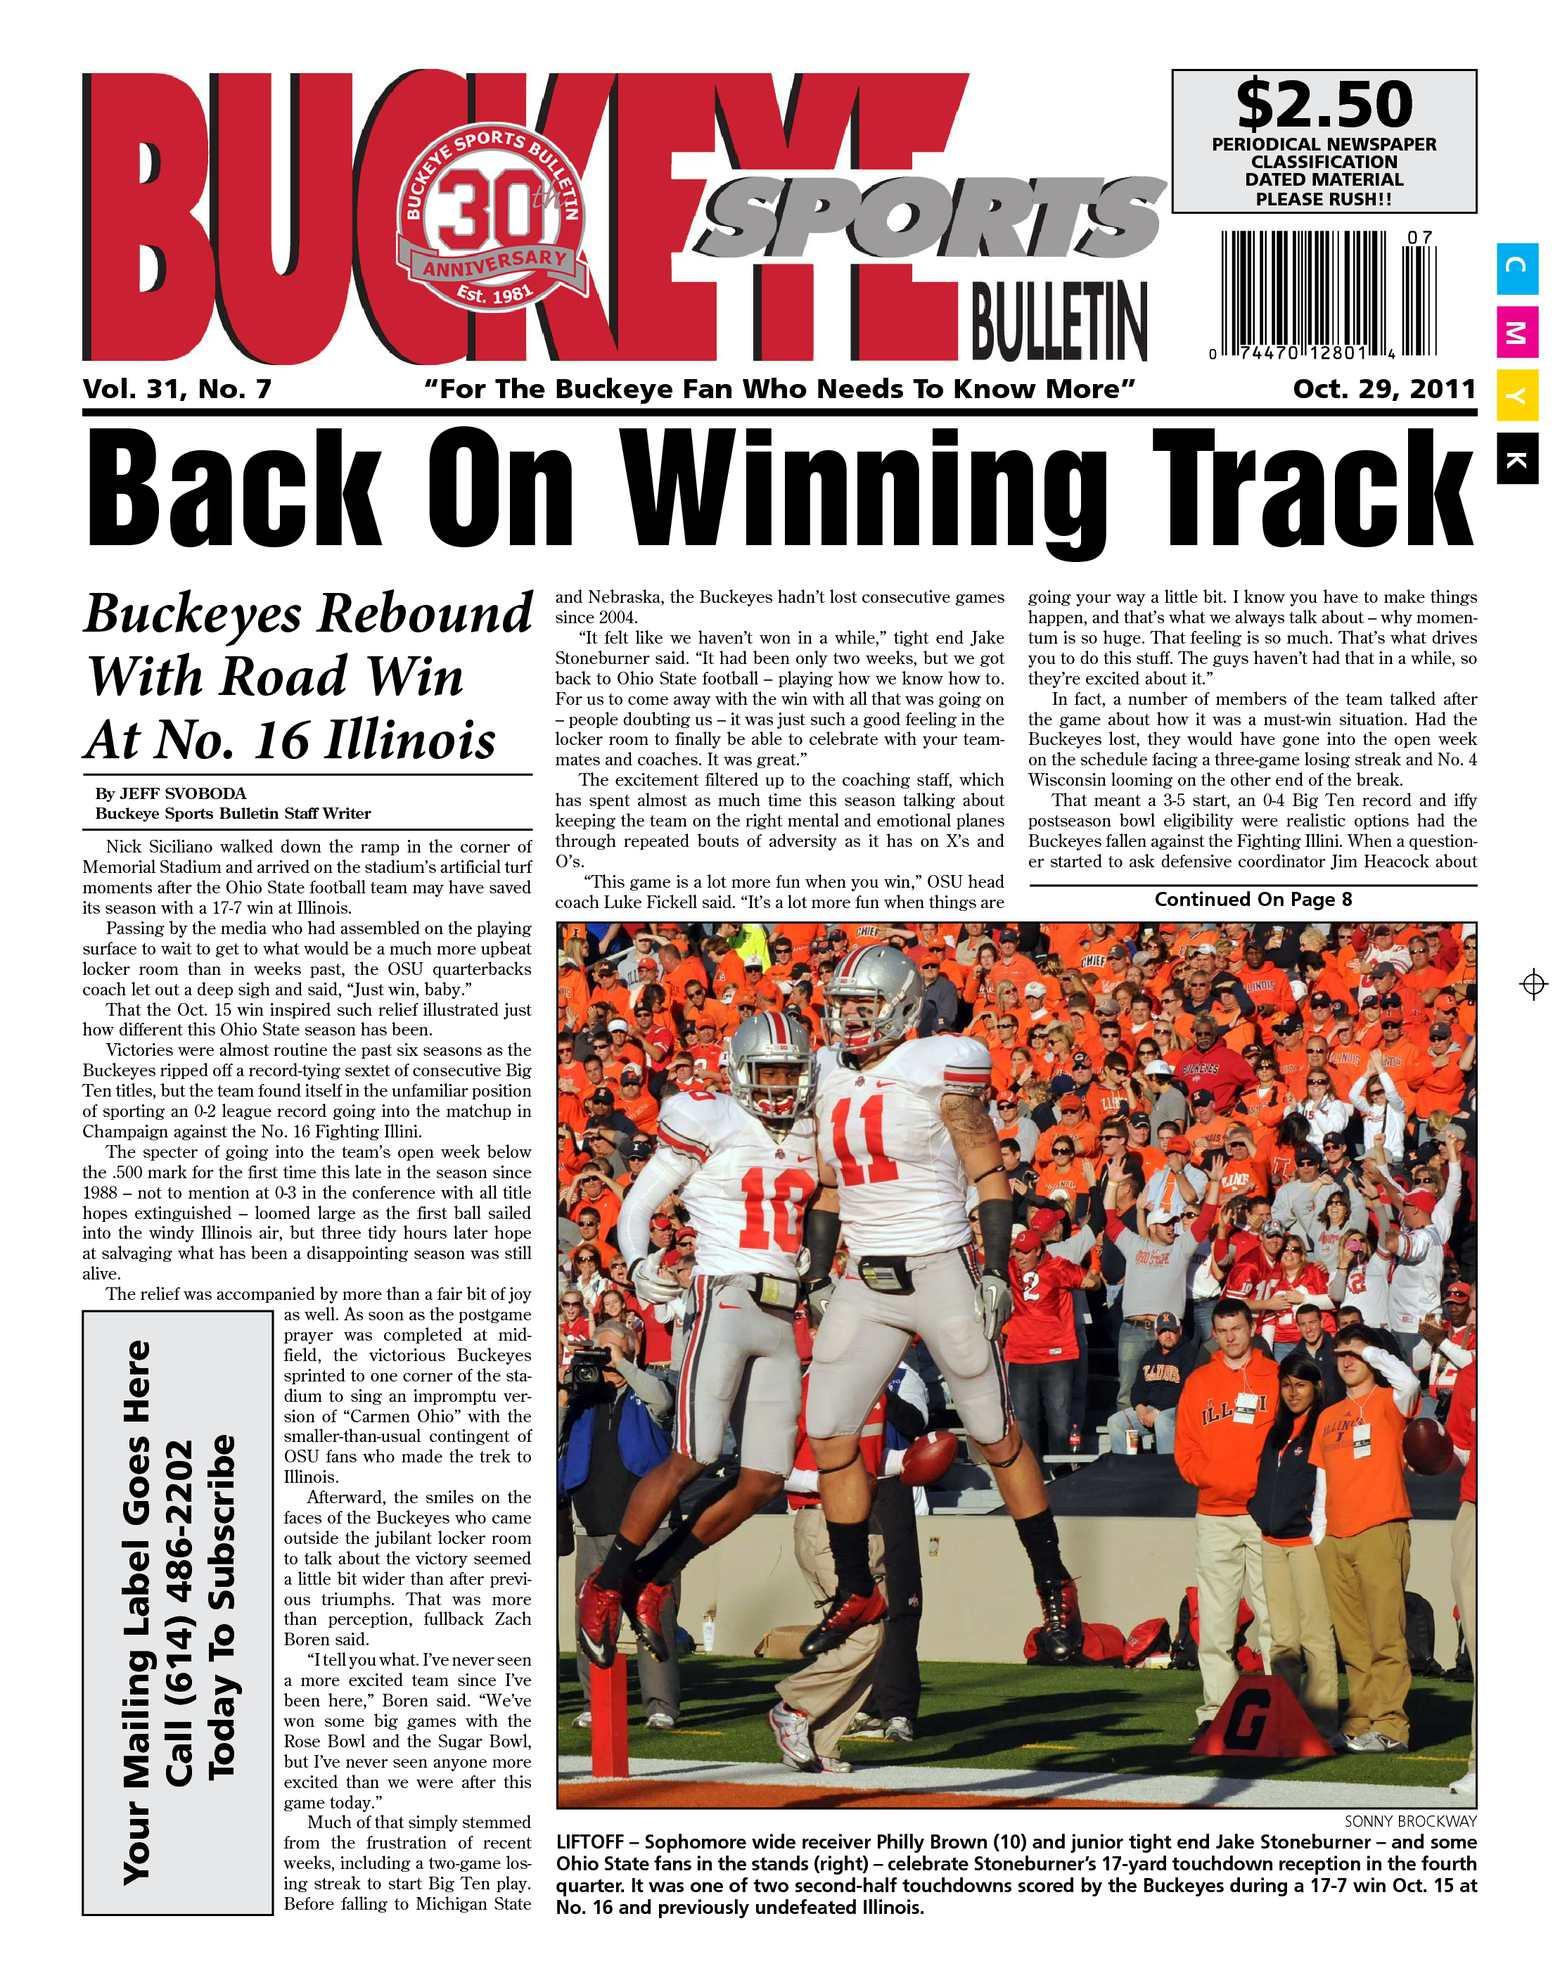 fdd2b635be8 Calaméo - Buckeye Sports Bulletin October 29, 2011 Print Edition